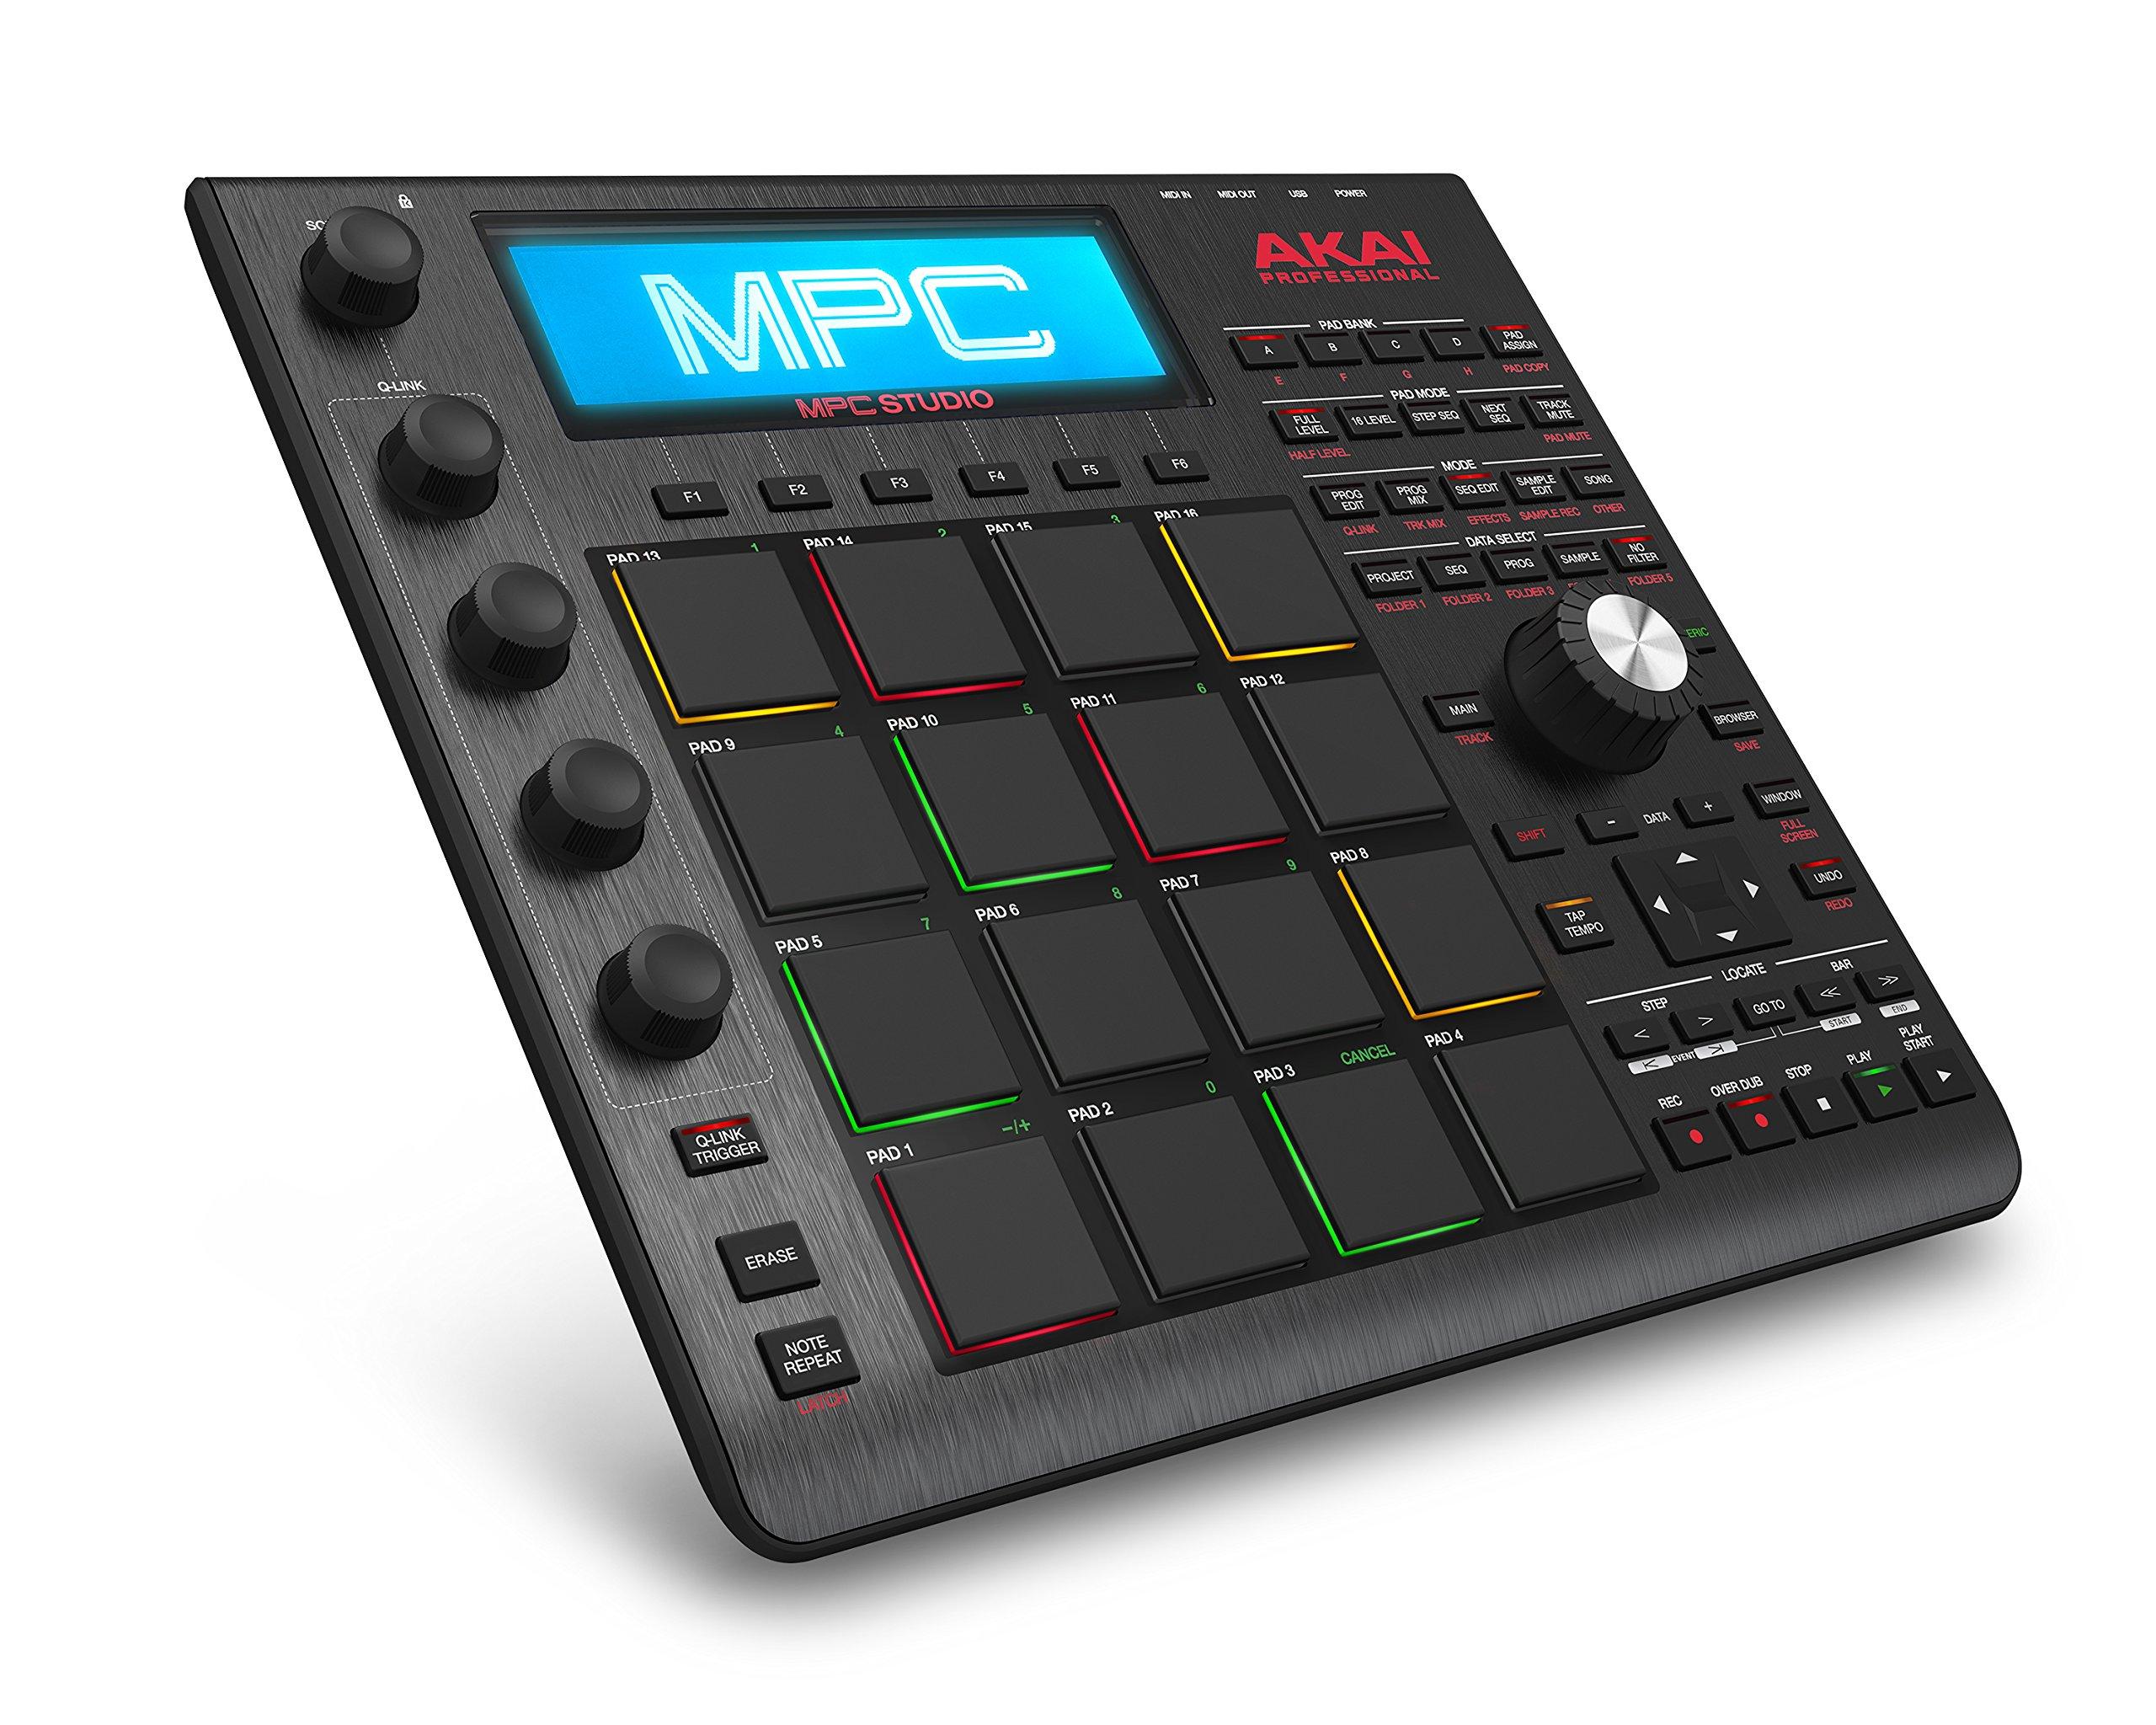 Akai Pro MPC Studio Black – Contrôleur à Pads MPC Ultra-Portable avec Logiciel MPC (en Téléchargement), Entrée USB, Écran LCD, Codeurs Tactiles, Design en Aluminium Brossé et Pochette en Neoprene